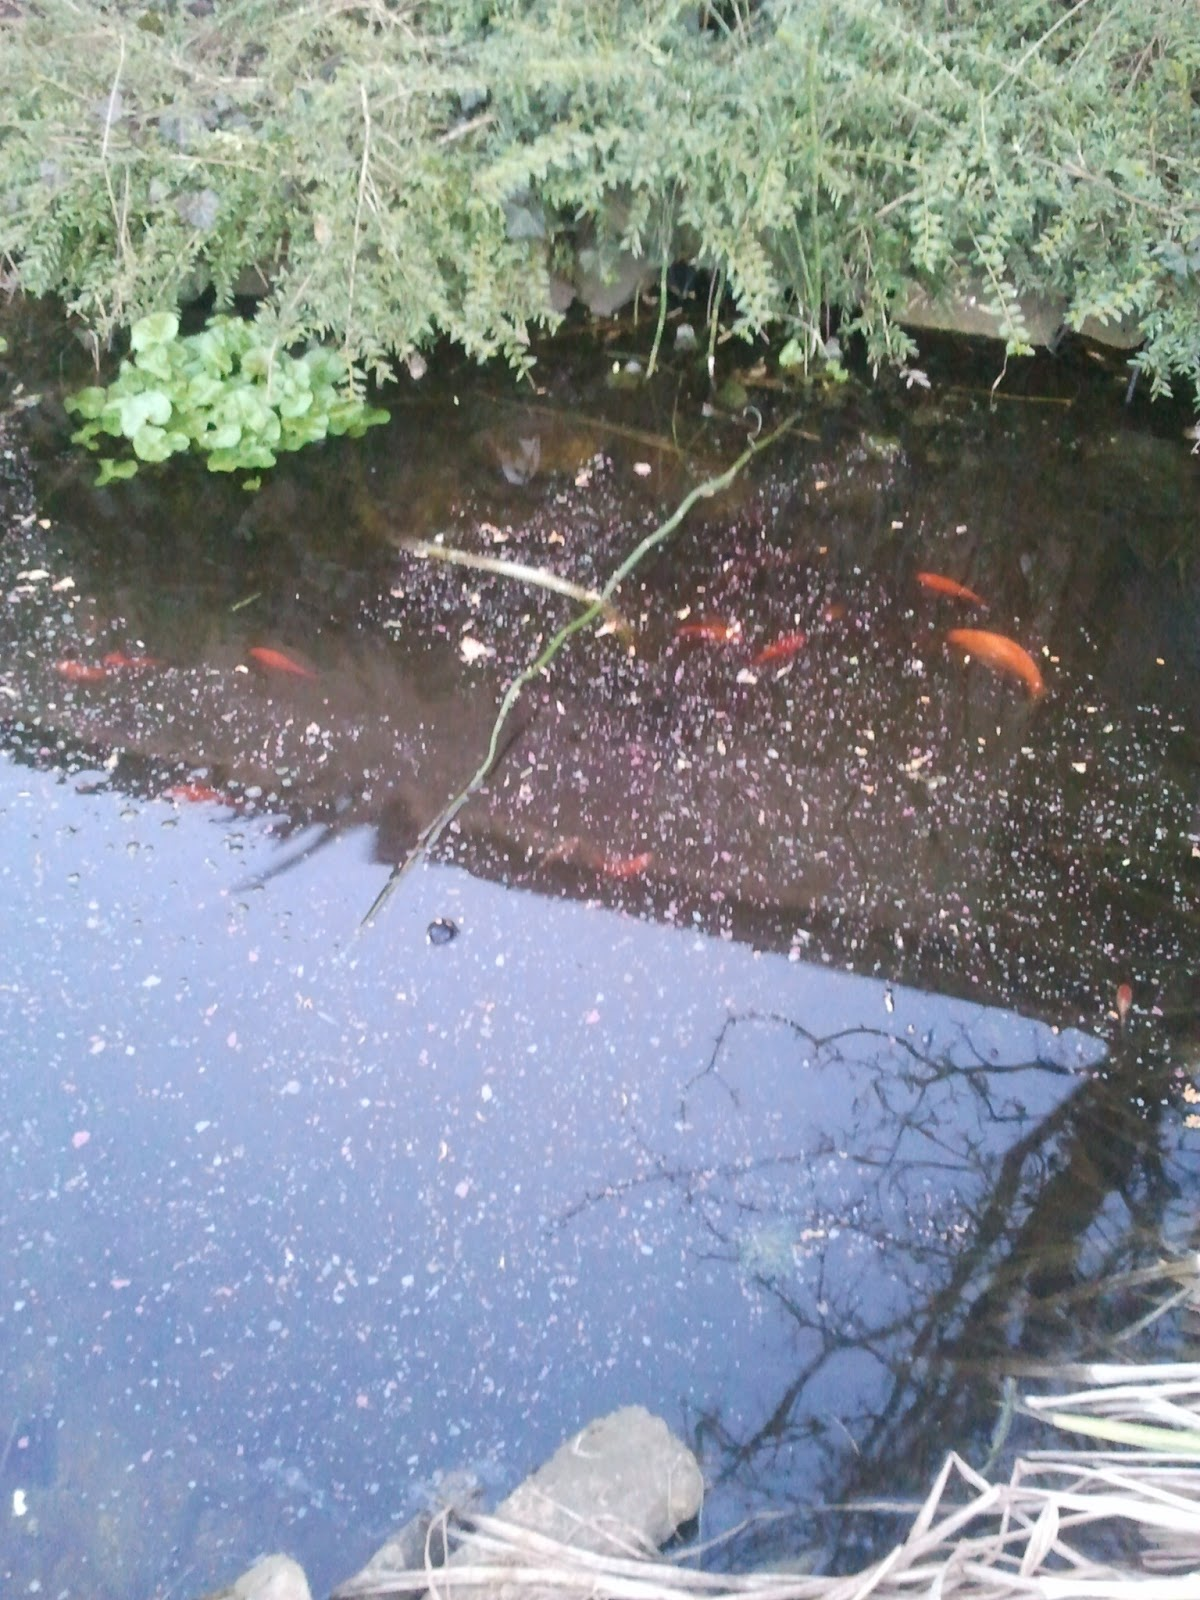 Fischsuppe im Gartenteich